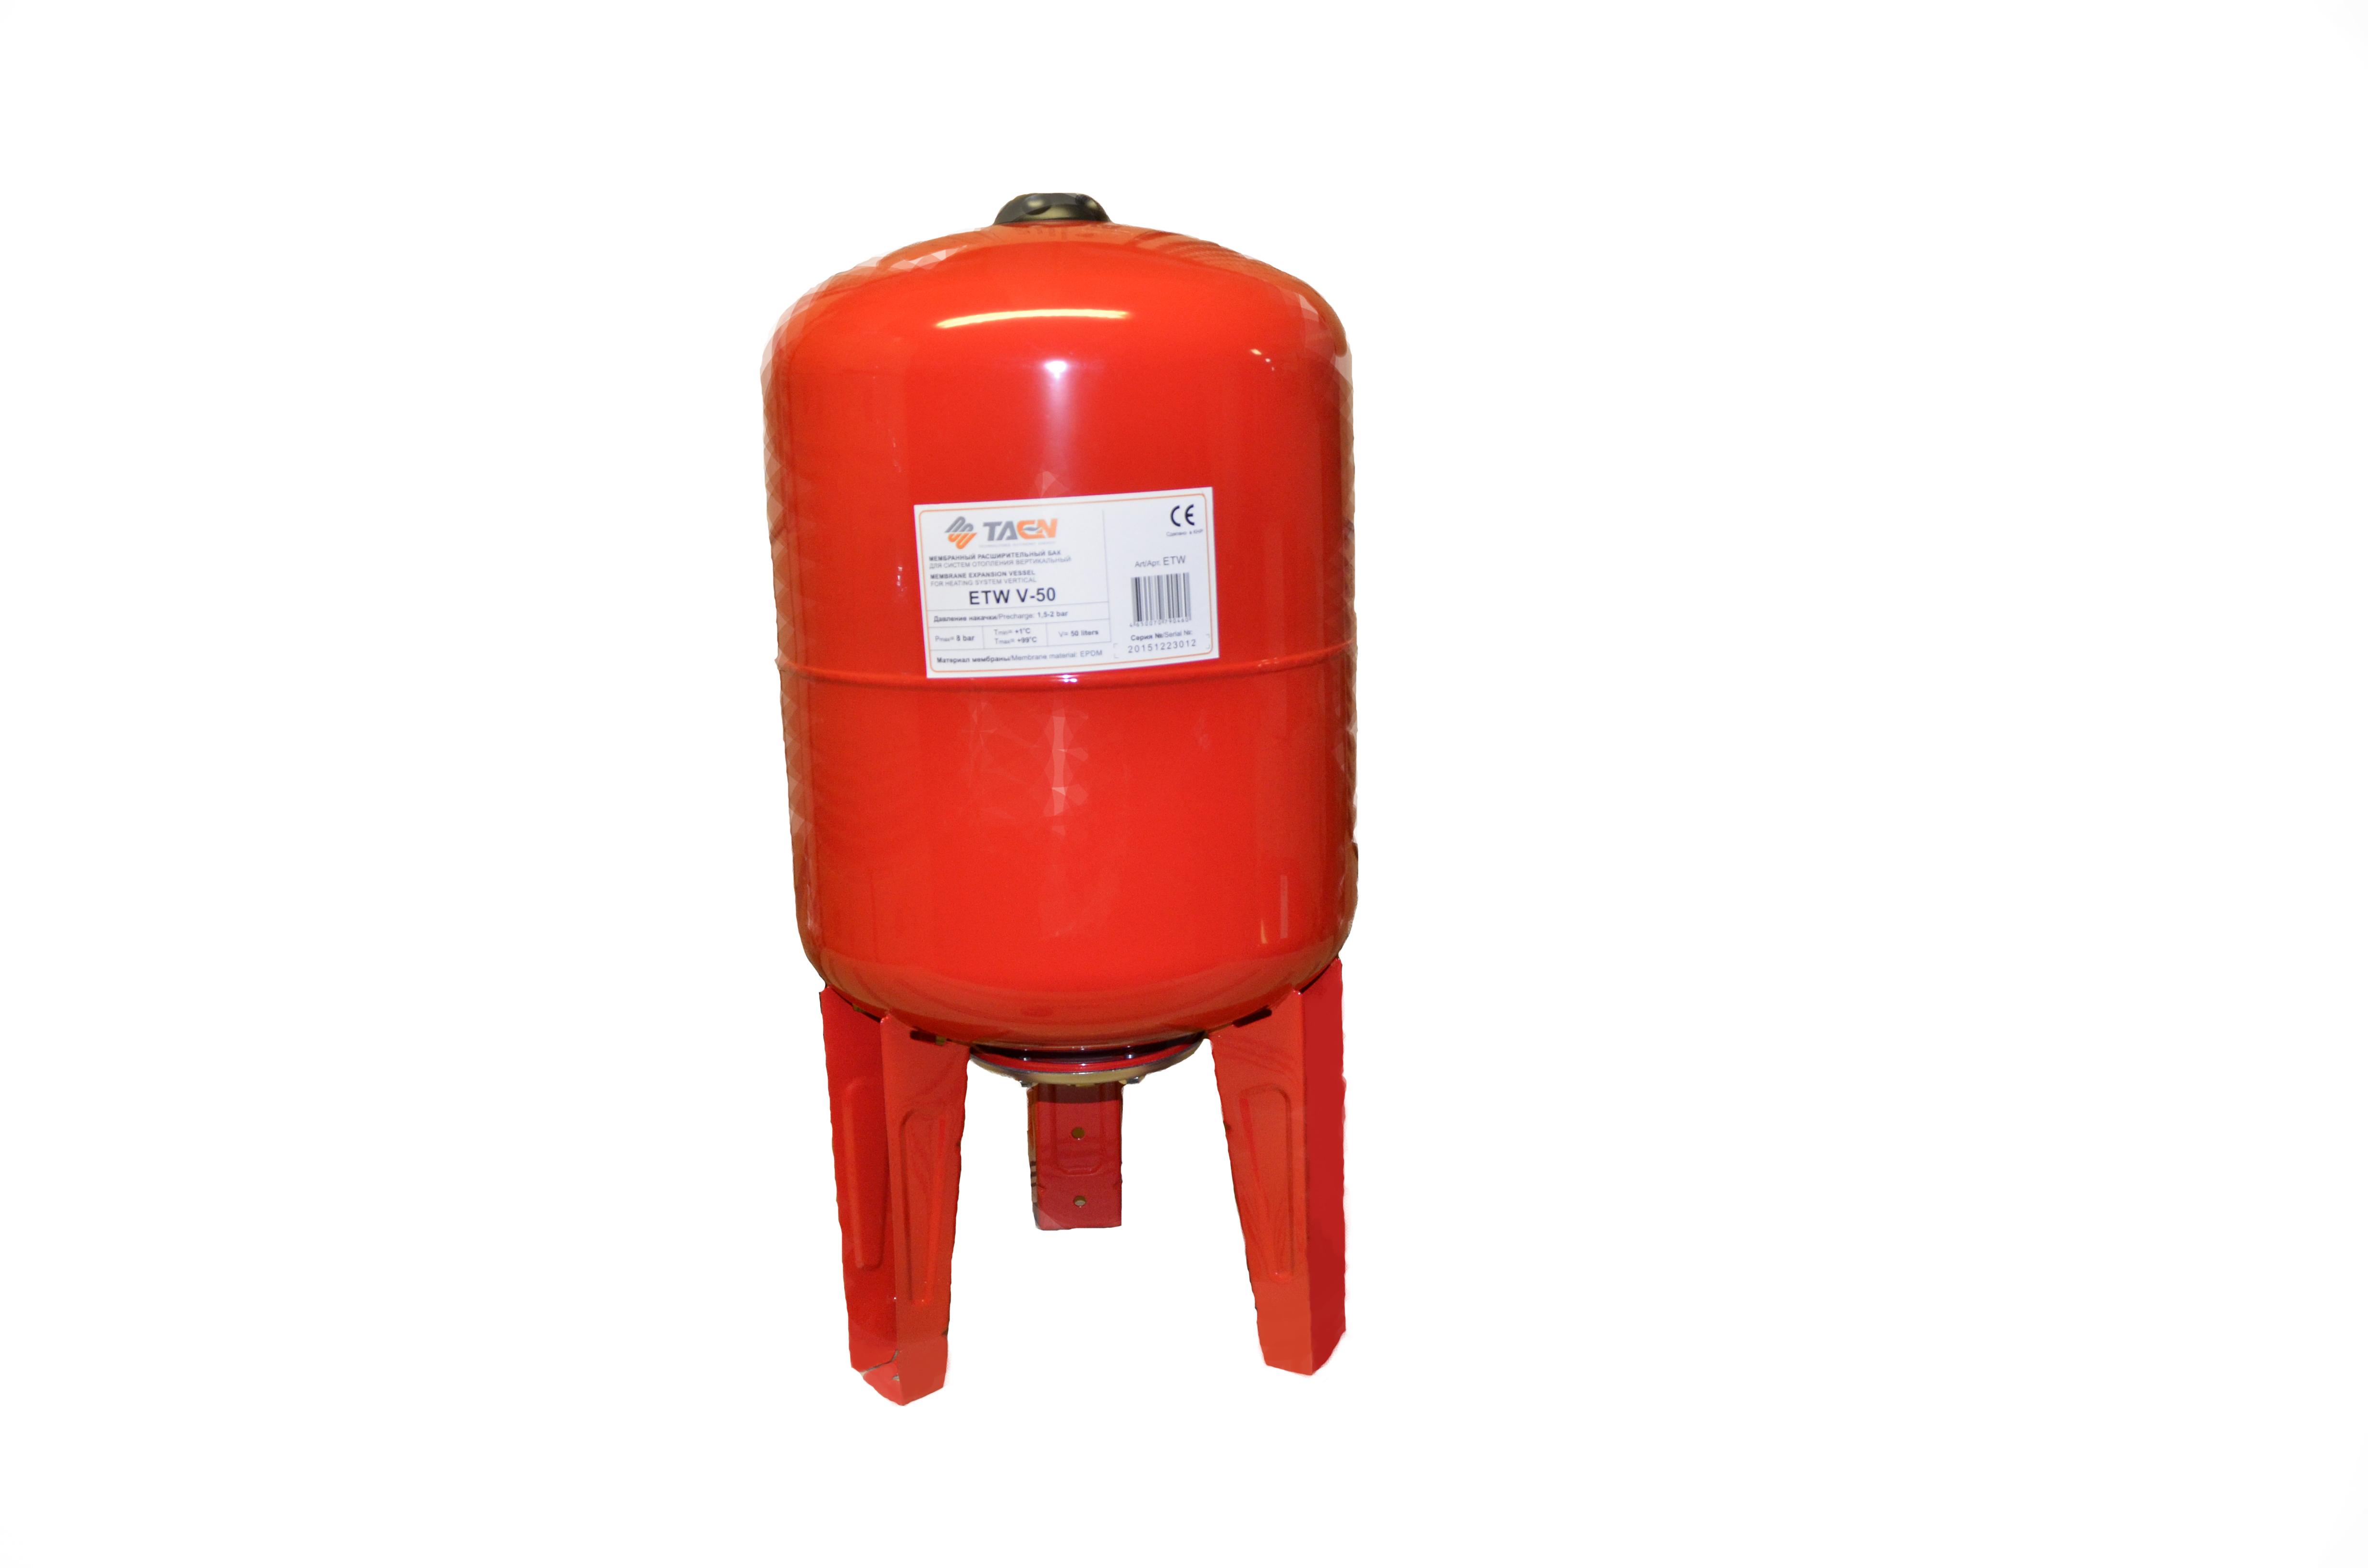 TAEN  м02 Расширительный бак для систем отопления HT-50LV (*вмятины на баках). УЦЕНЕННЫЙ ТОВАР - купить в Челябинске